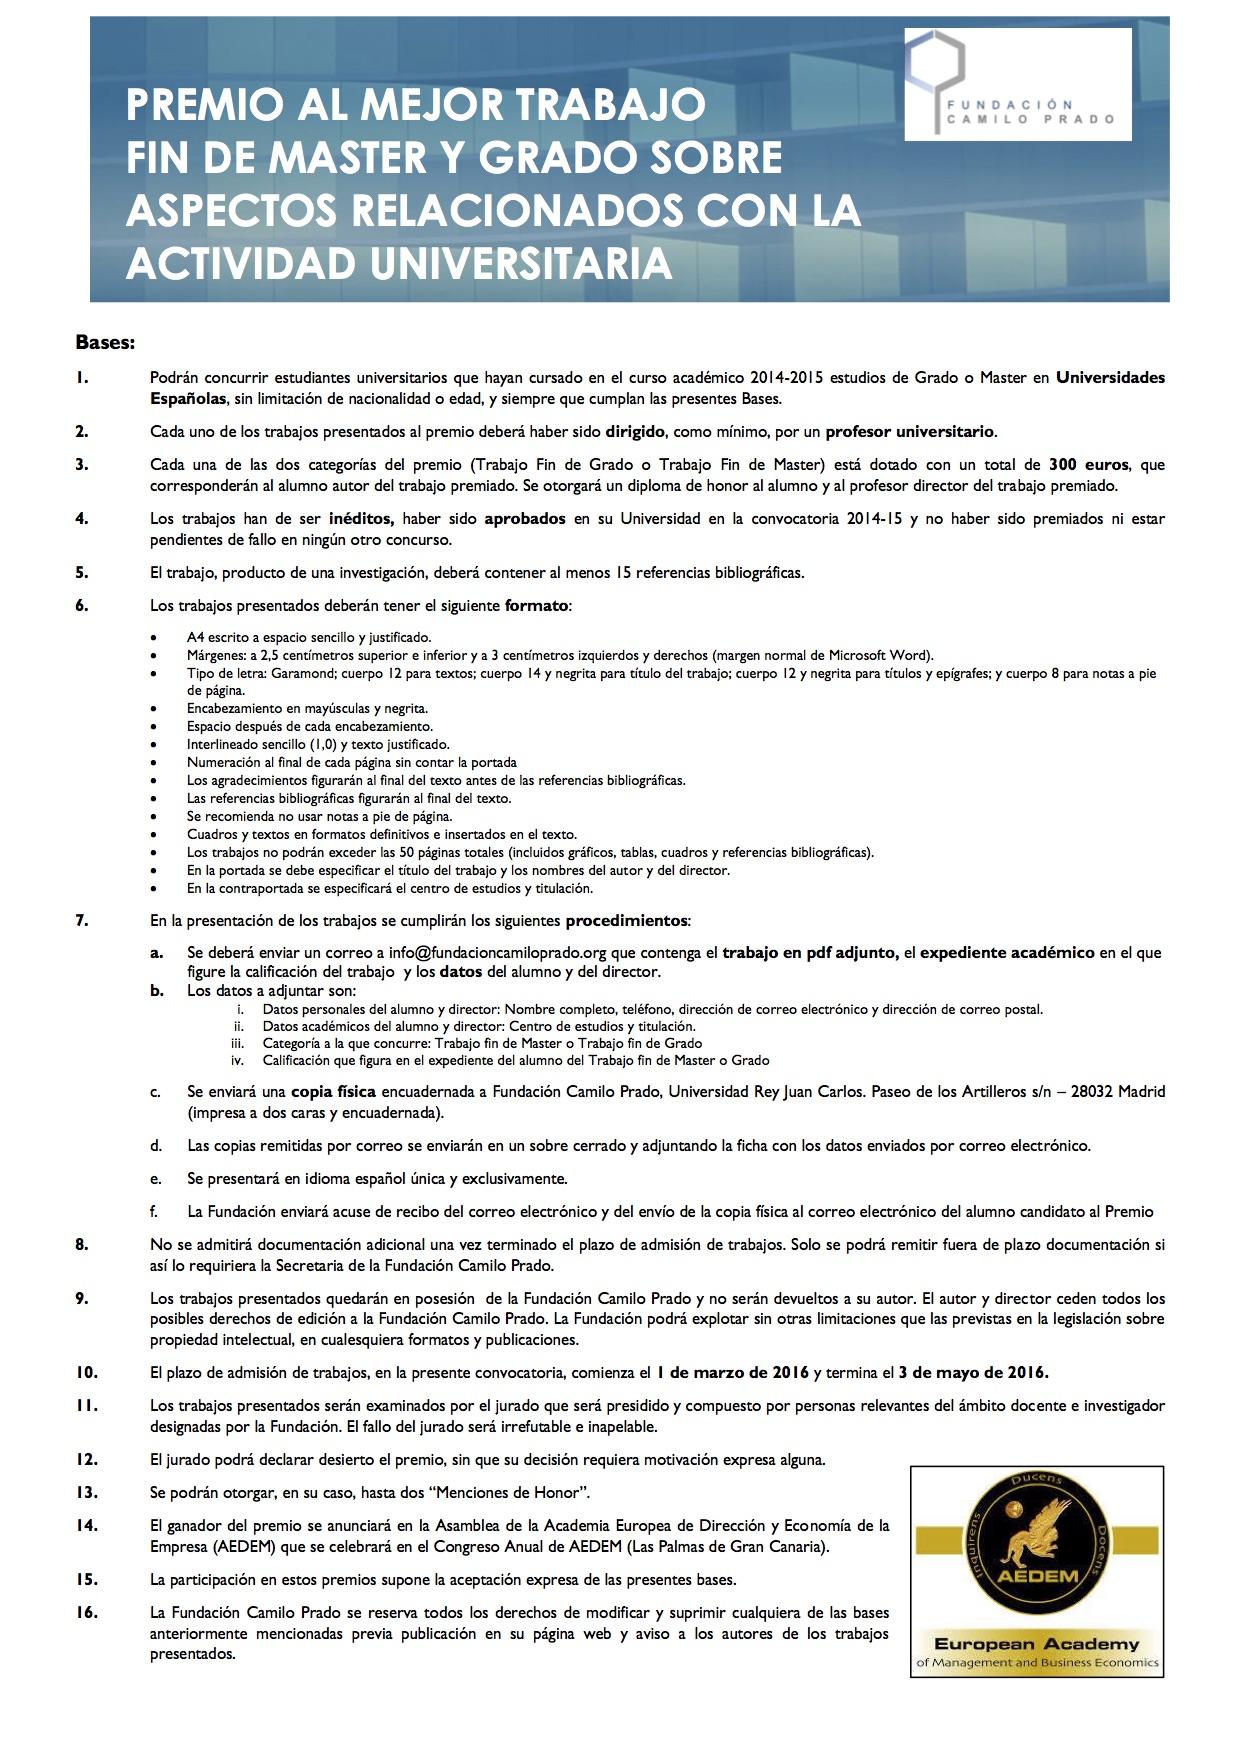 PREMIO AL MEJOR TRABAJO FIN DE MASTER Y GRADO SOBRE ASPECTOS RELACIONADOS CON LA ACTIVIDAD UNIVERSITARIA